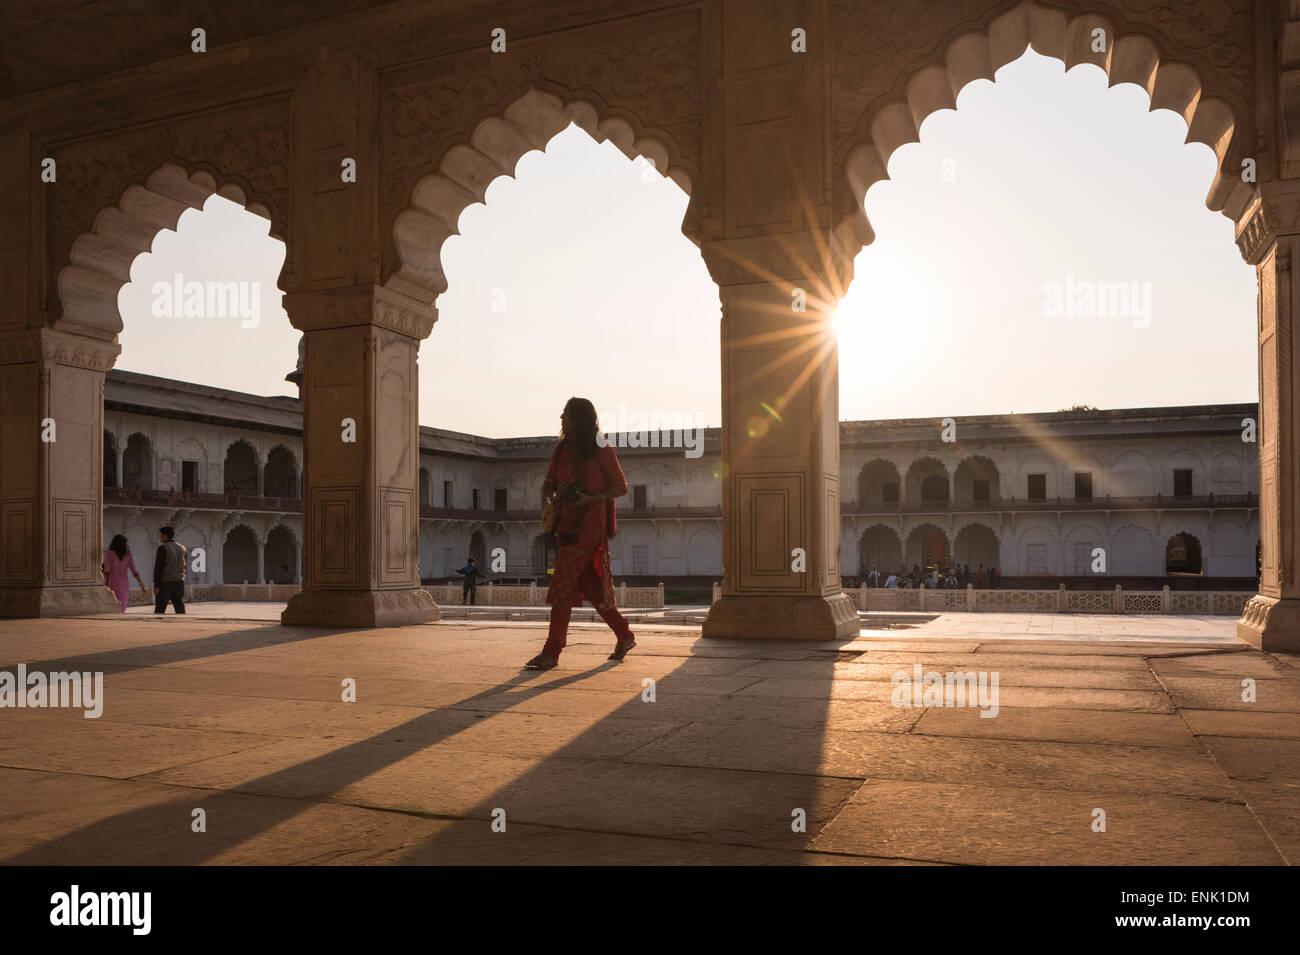 El Fuerte de Agra al atardecer, Sitio del Patrimonio Mundial de la UNESCO, Agra, Uttar Pradesh, India, Asia Imagen De Stock